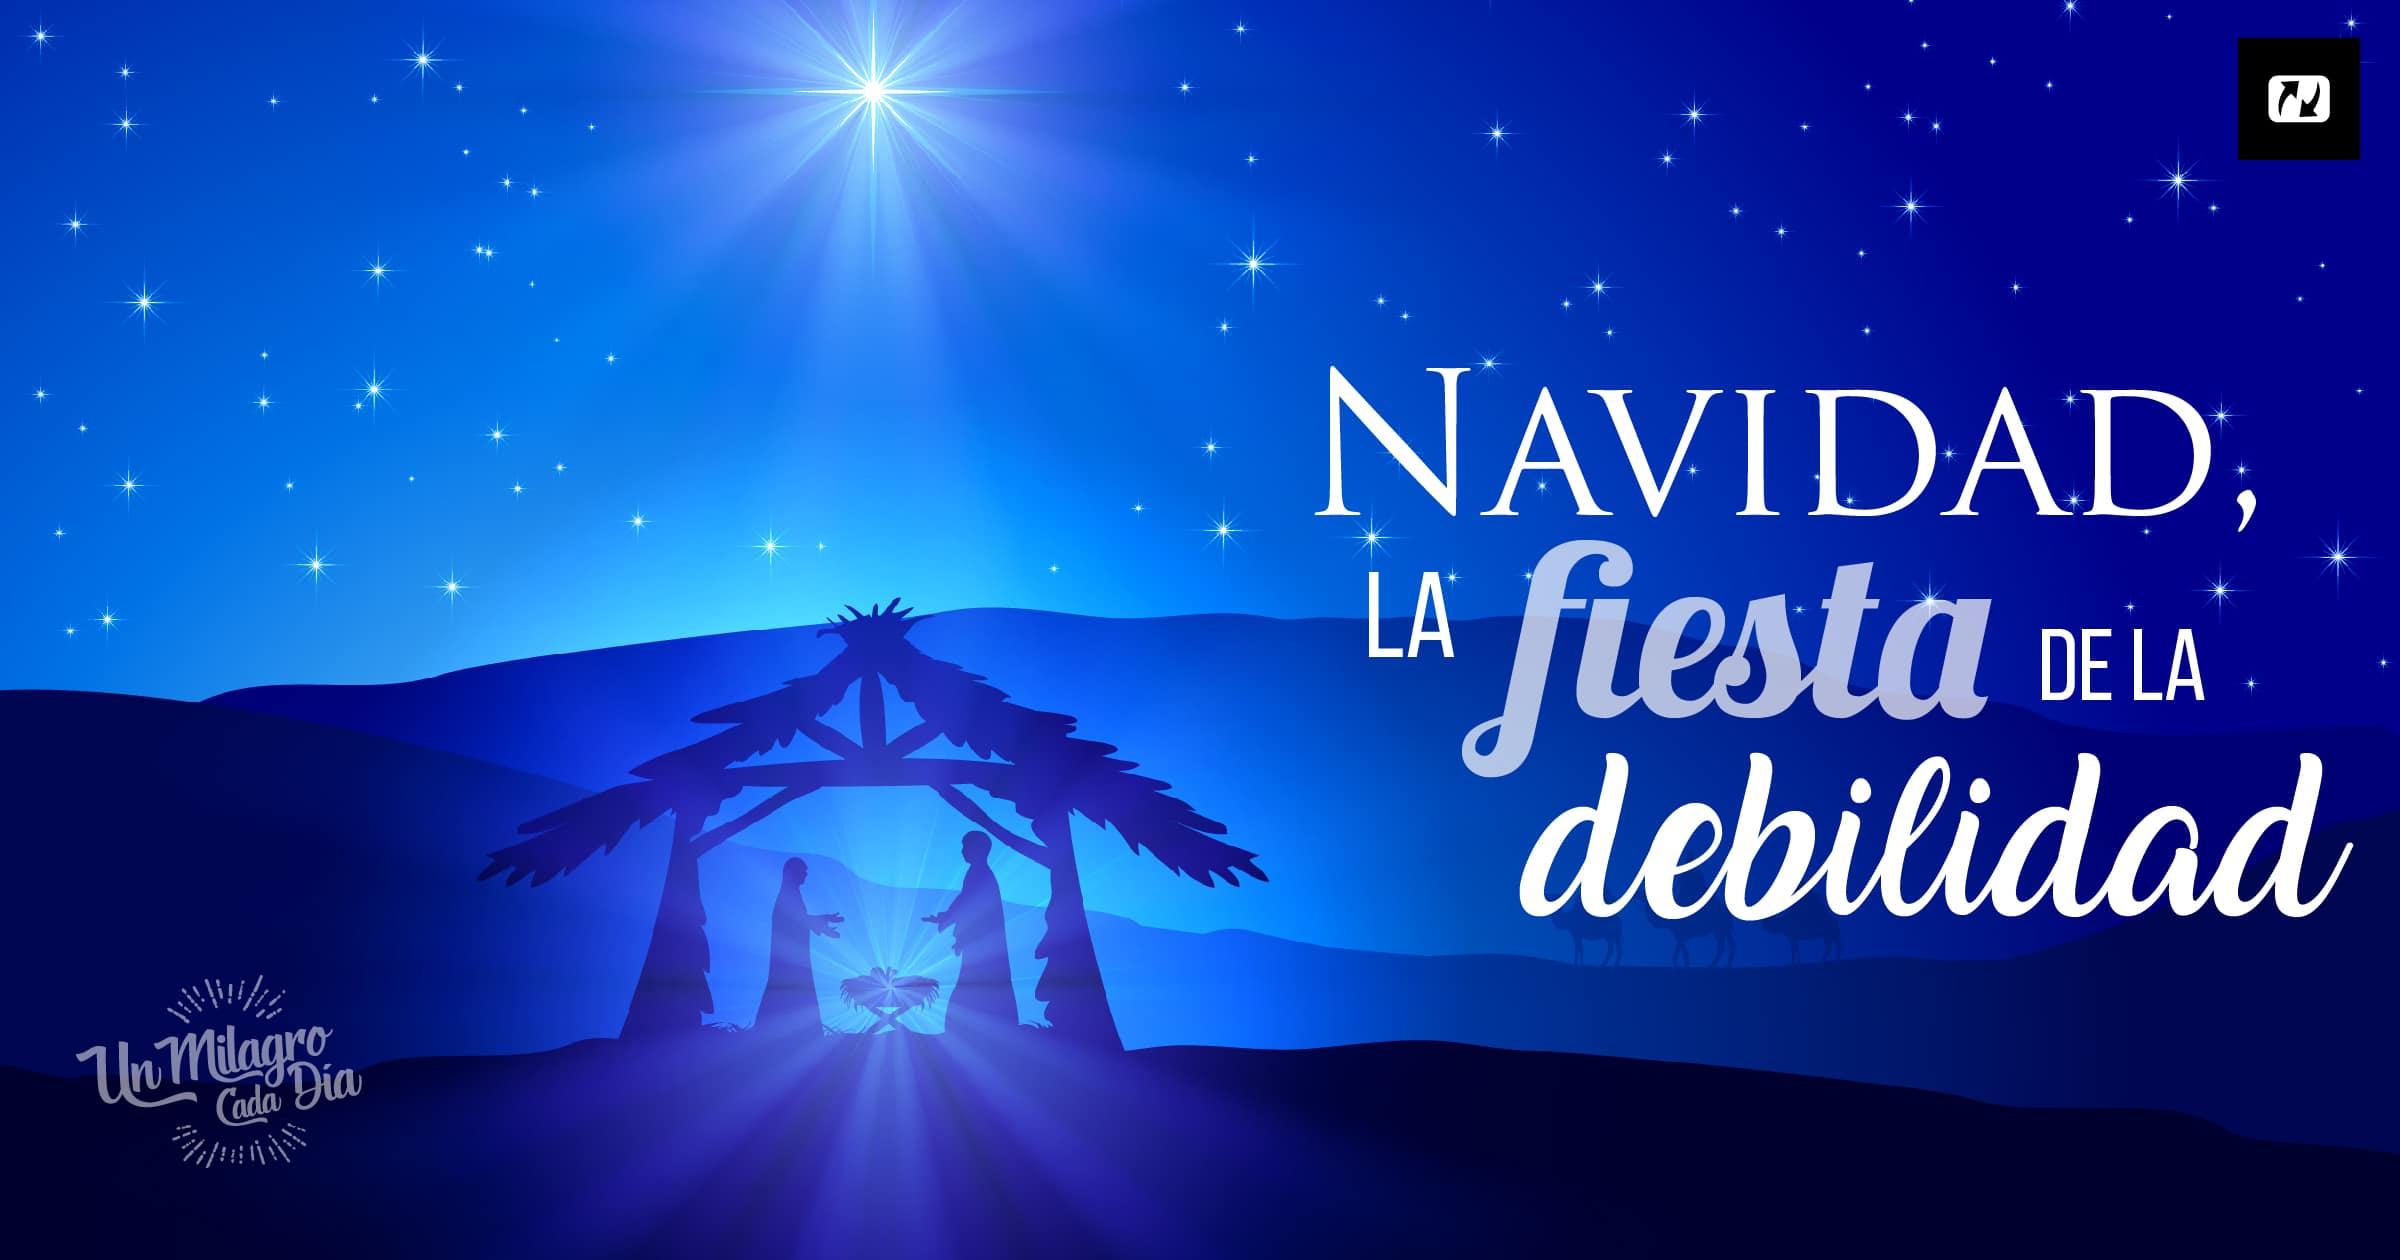 Fotos De Navidad Con Jesus.Navidad La Fiesta De La Debilidad Es Jesus Net